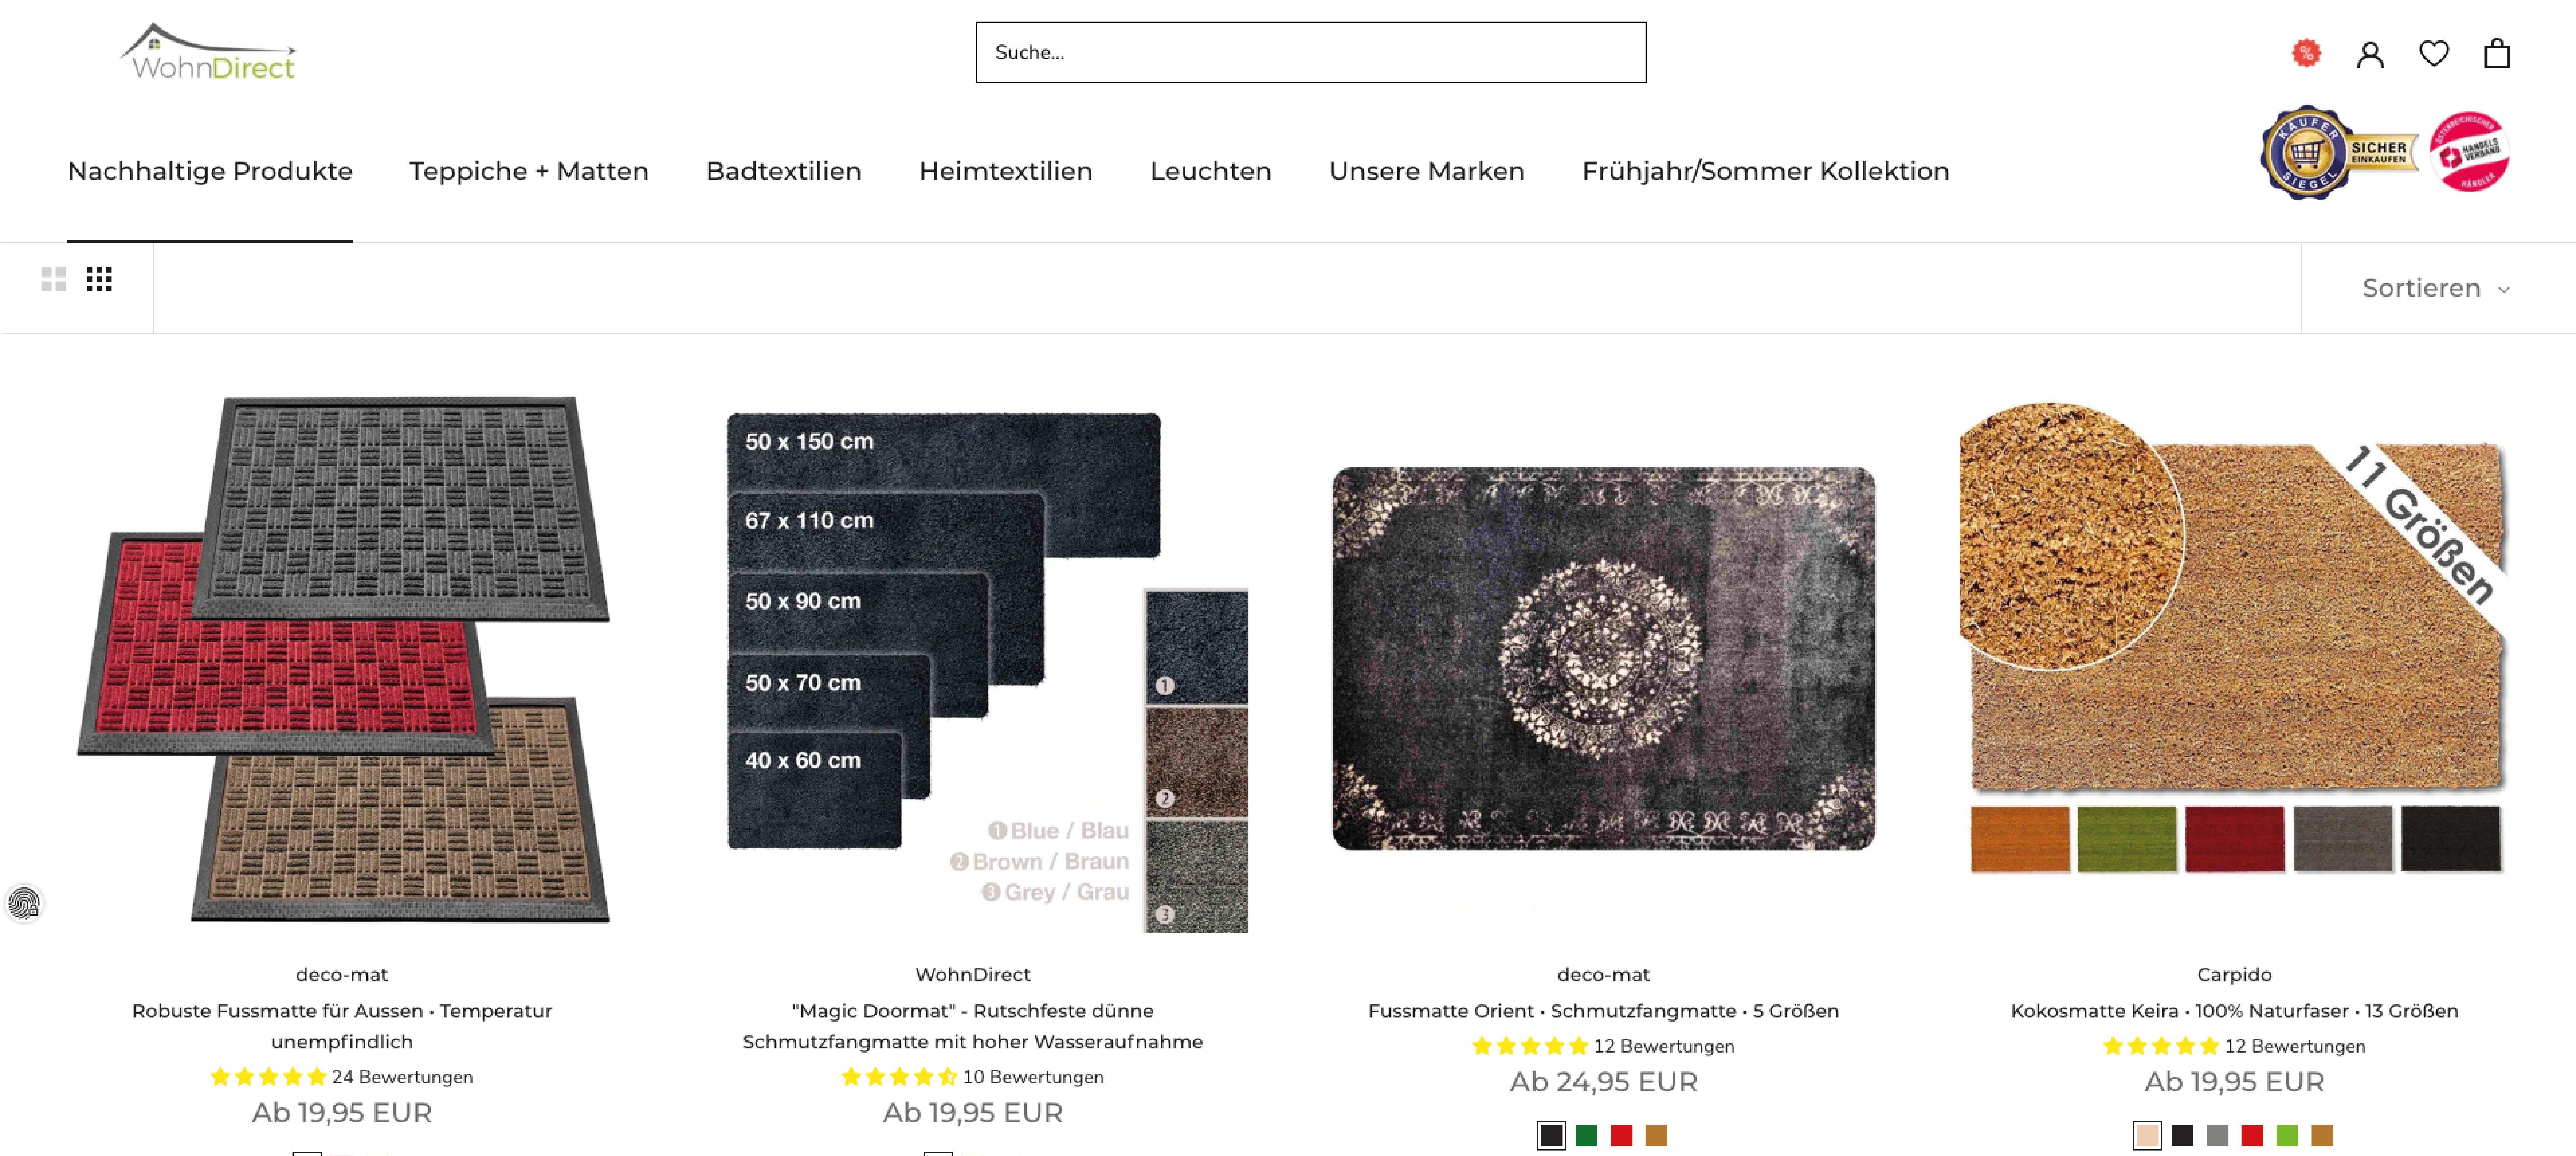 Neue Wohndirect Produkte im Shopify Design